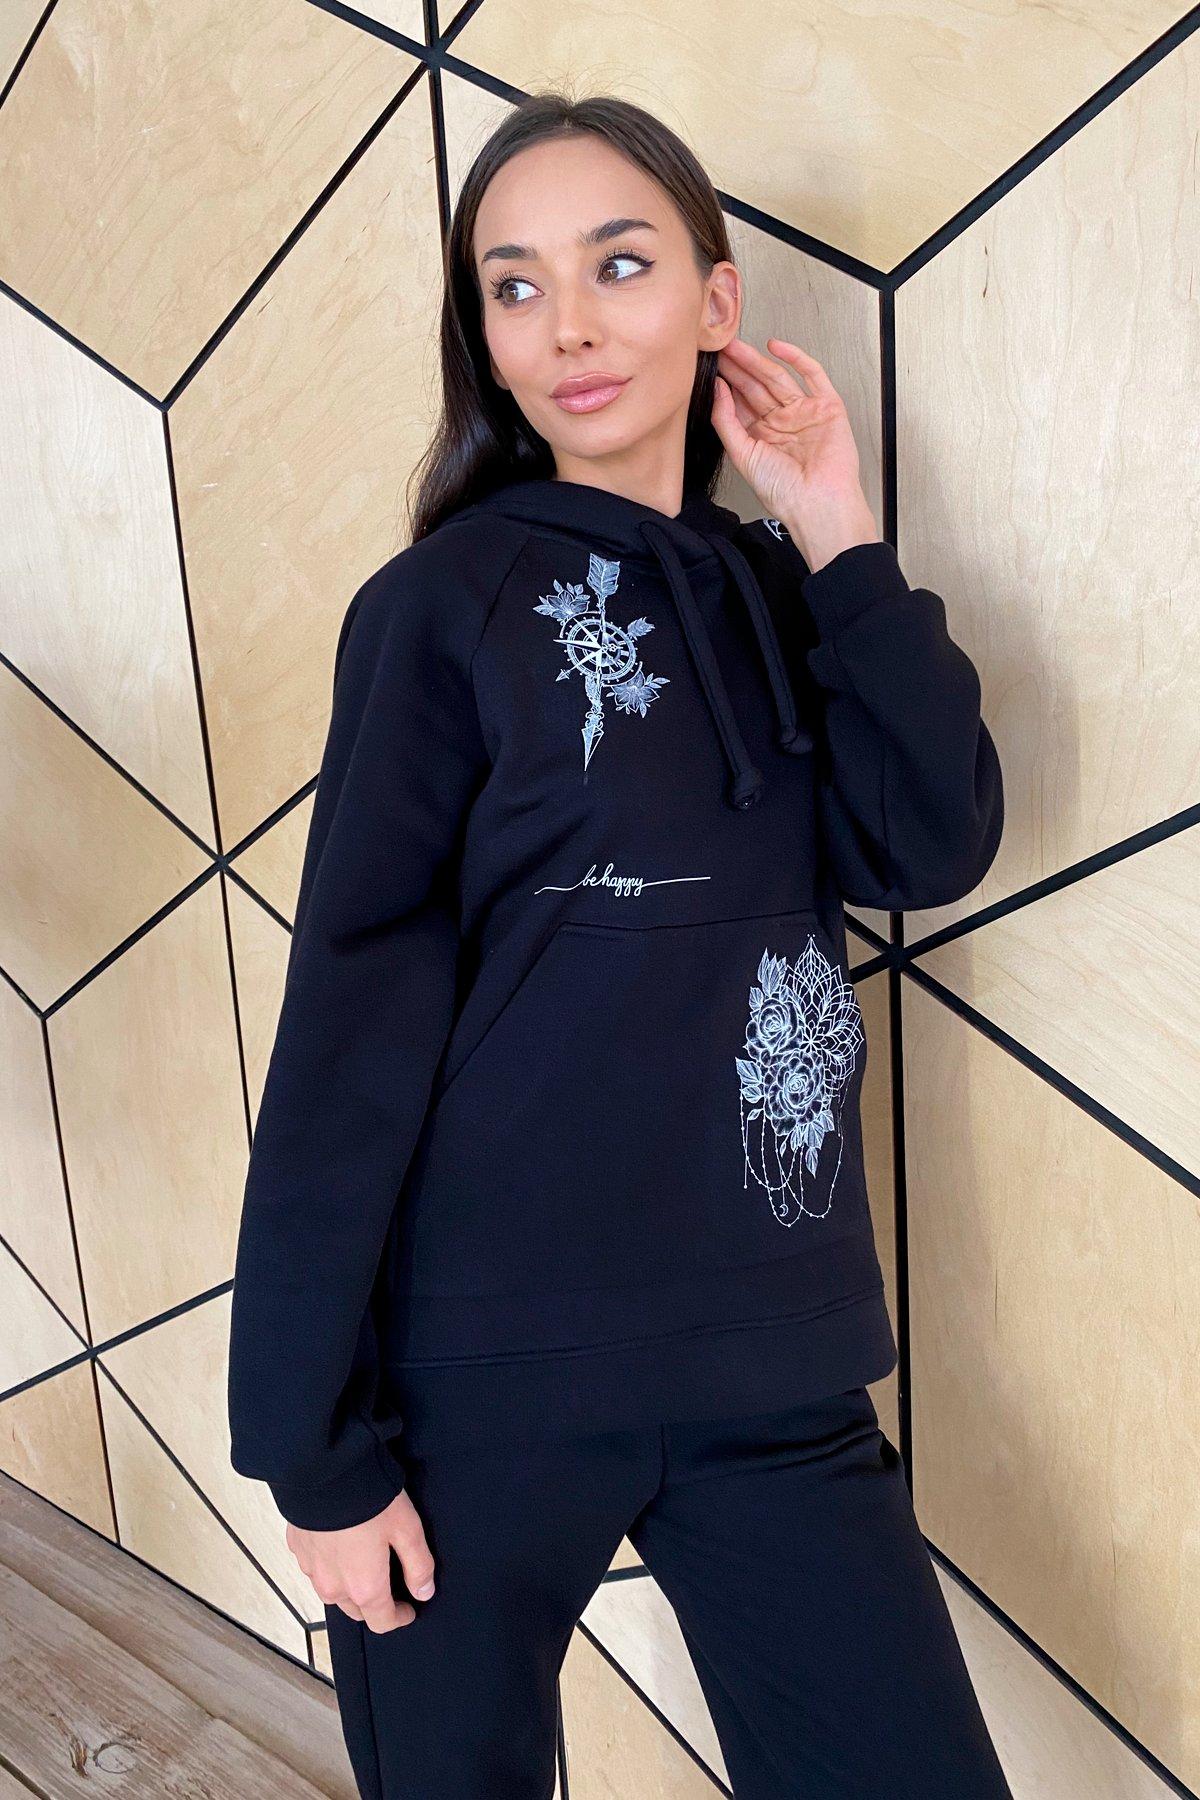 Тату костюм на флисе Oversize 9815 АРТ. 46246 Цвет: Черный - фото 5, интернет магазин tm-modus.ru